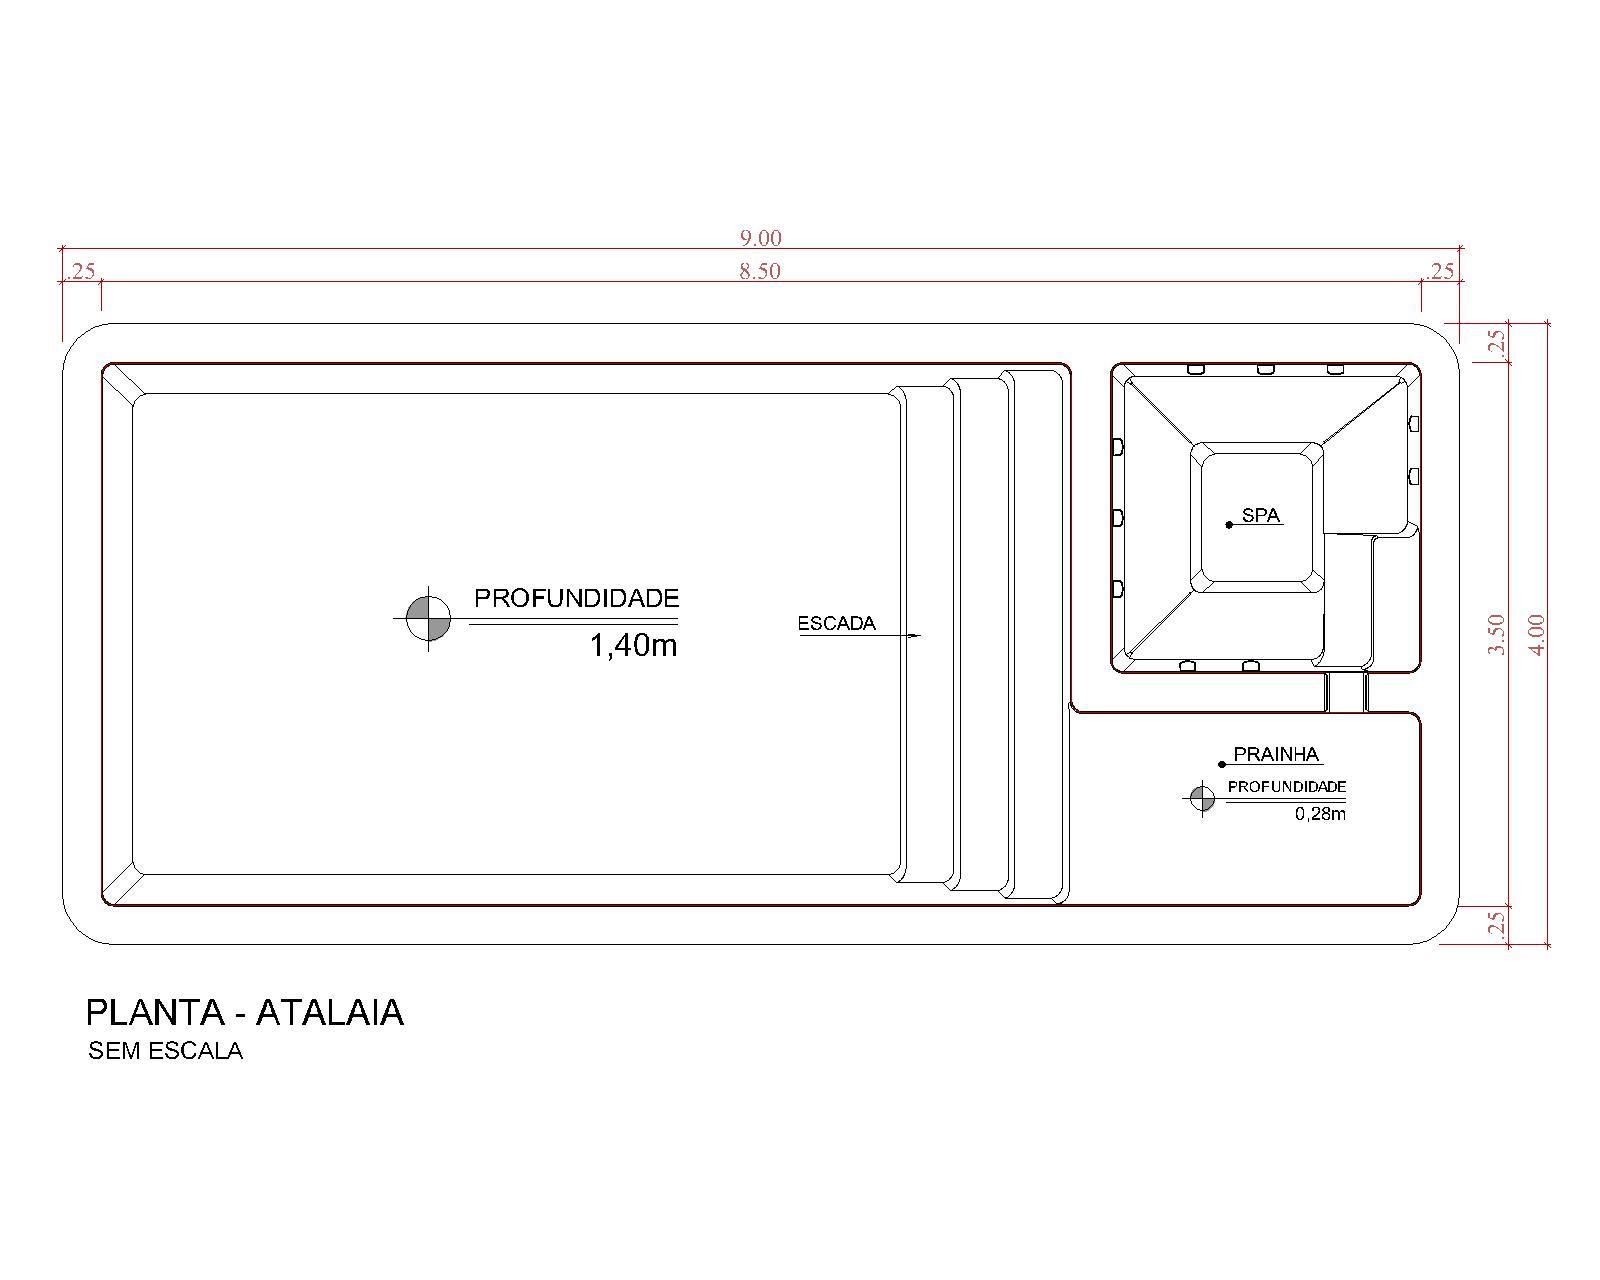 Desenho técnico Atalaia (sem escala)